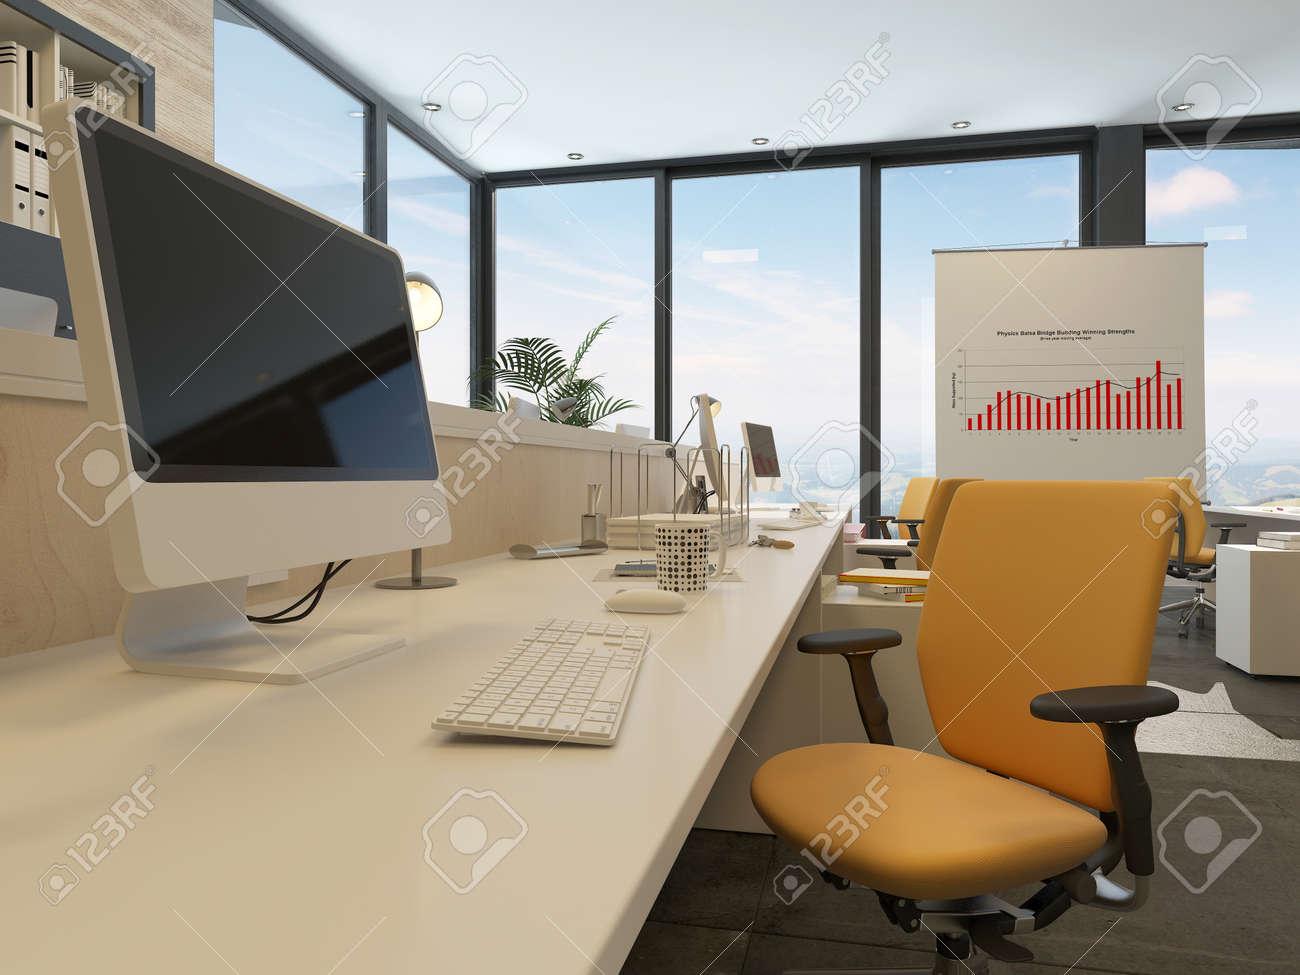 Schreibtisch In Einem Modernen Buro Interieur Mit Einem Grossen